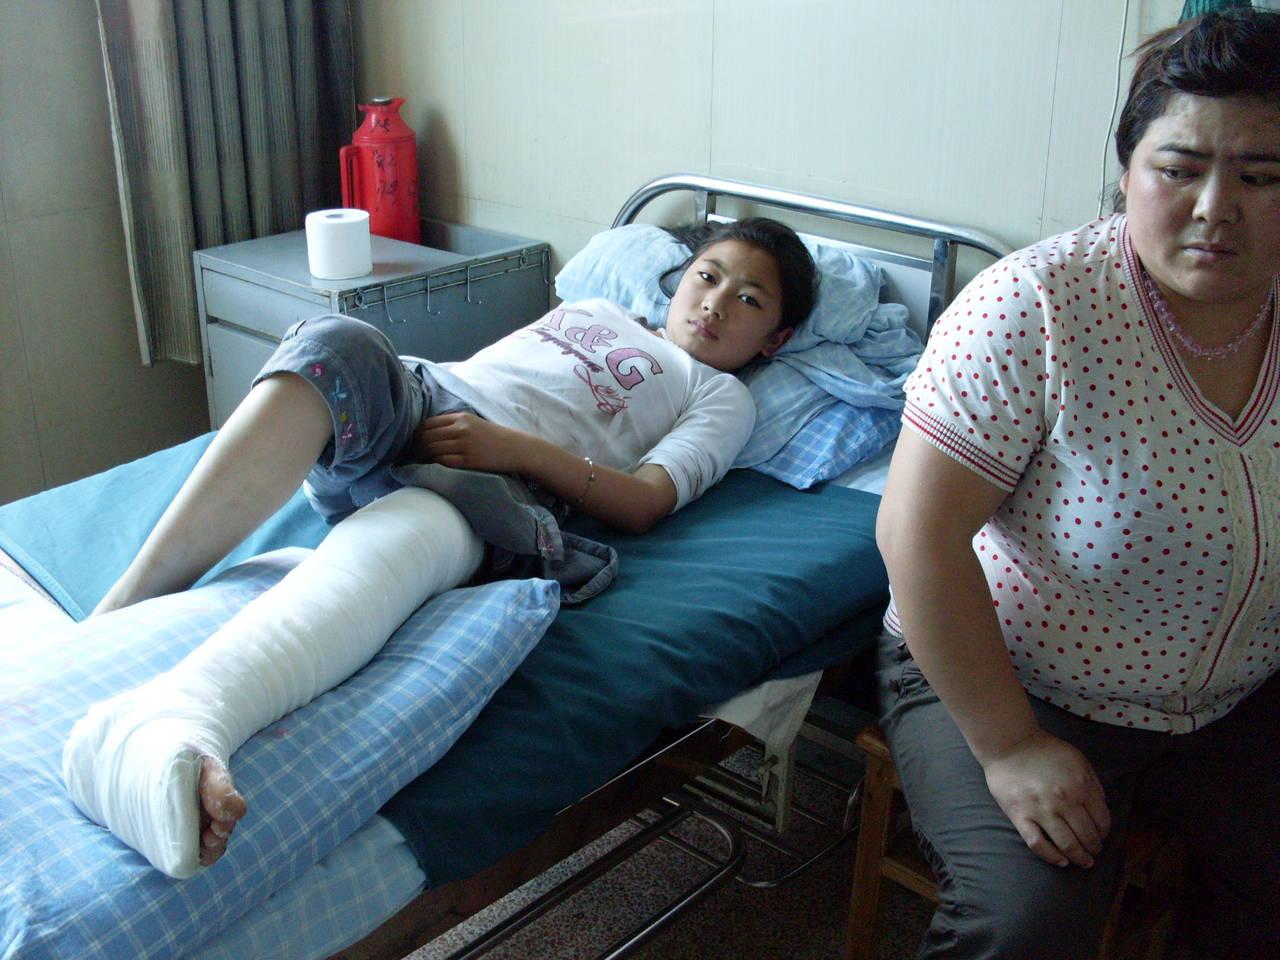 左腿因胫腓骨骨折而被扎了石膏绷带的义乌市廿三里